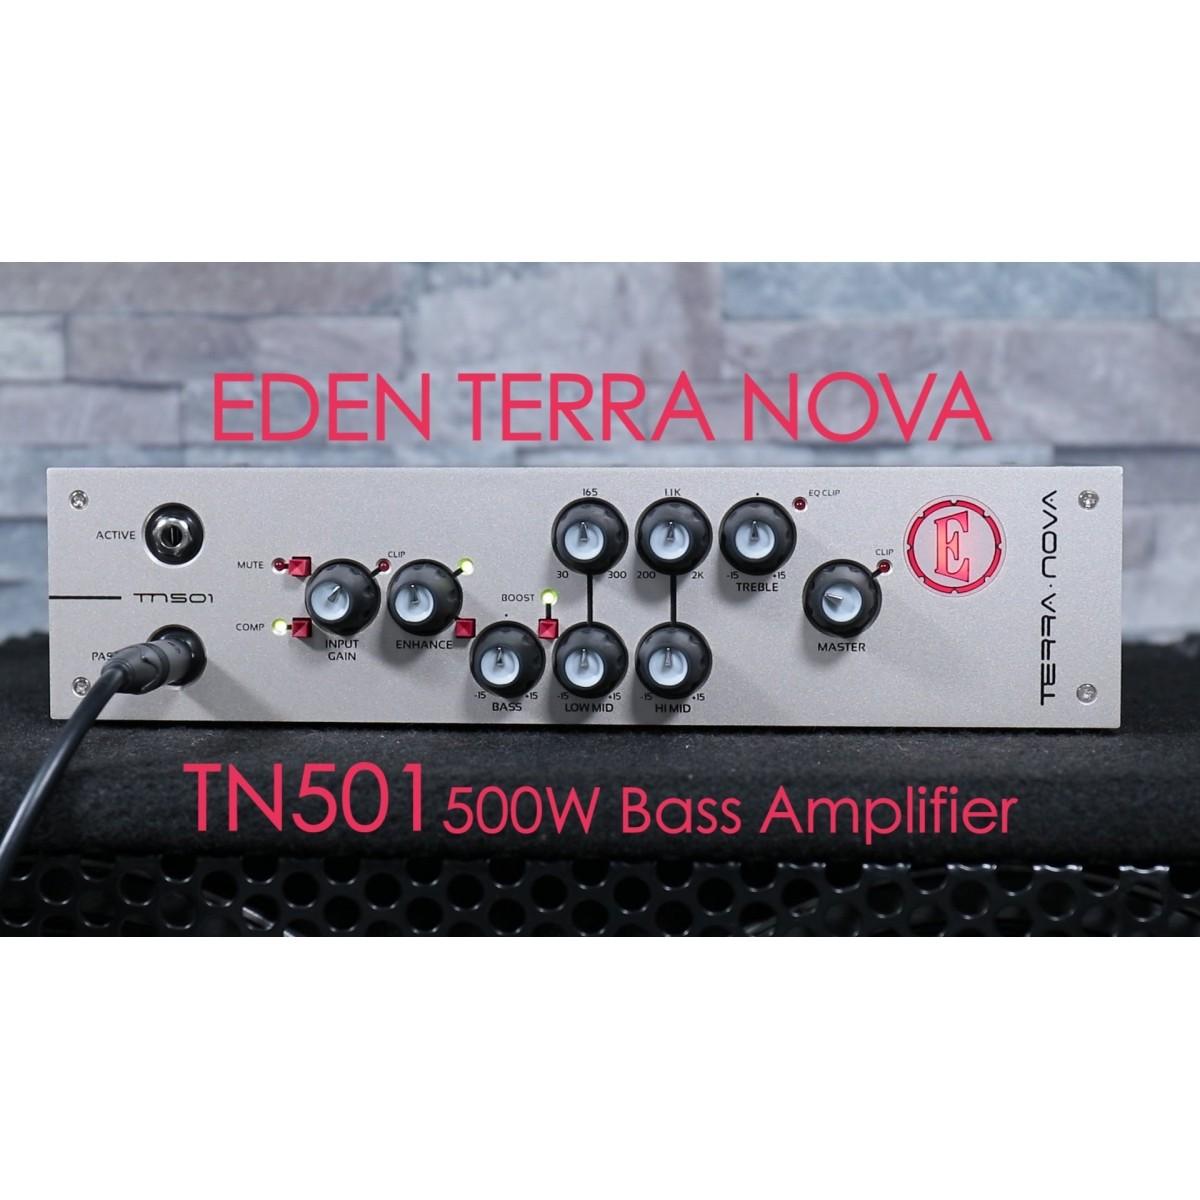 AMPLIFICADOR HEAD P/BAIXO EDEN TN501 TERRA NOVA